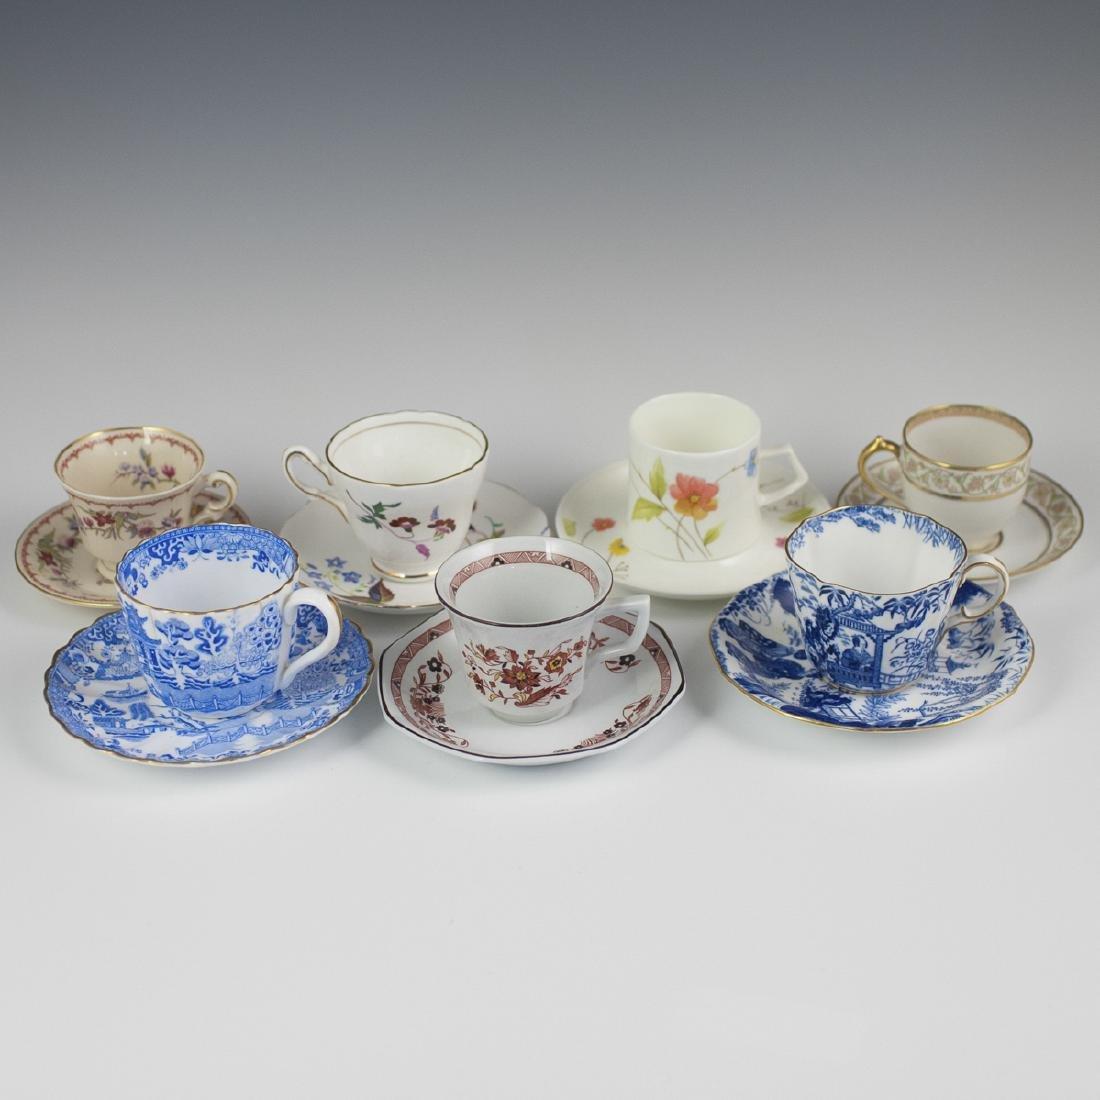 Vintage Porcelain Demitasse Cups - 2